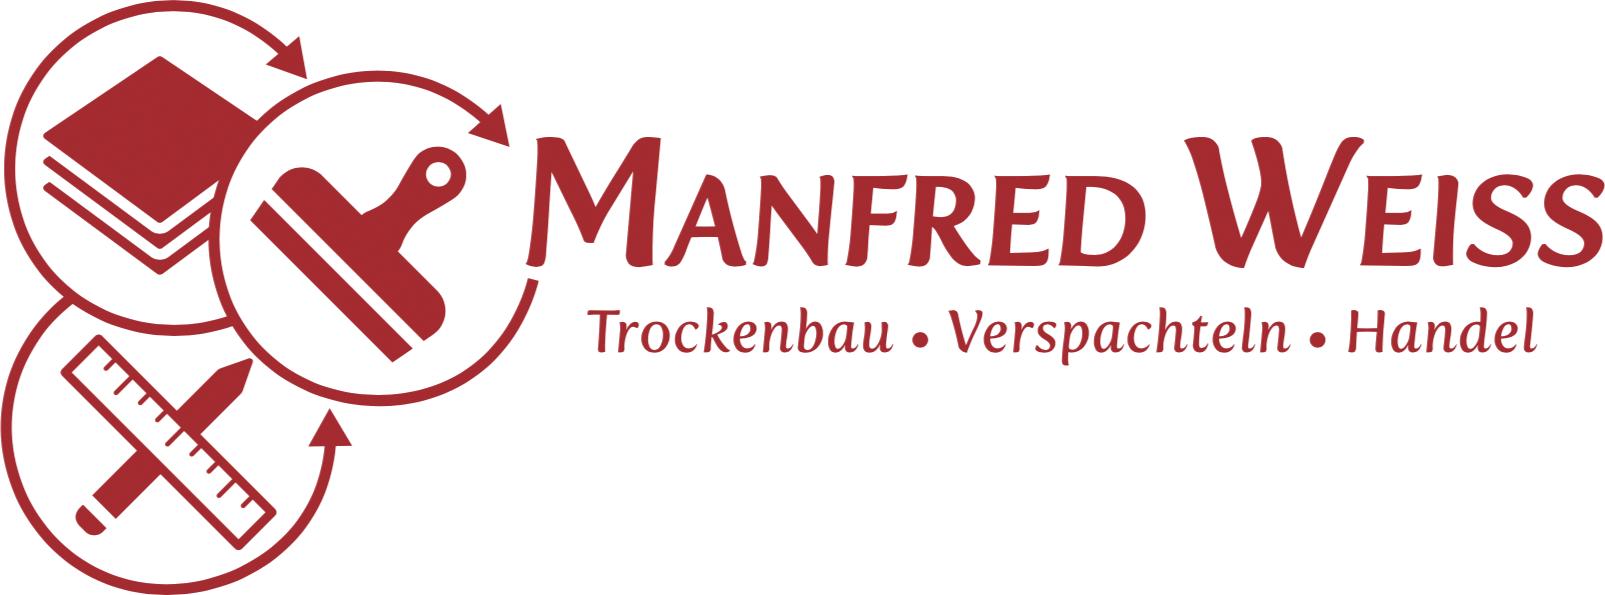 Manfred Weiss - Trockenbau - Verspachteln - Handel aus OÖ | Manfred Weiss ist ihr kompetenter Ansprechpartner für den Bereich Trockenbau, Verspachteln, Handel in St.Marienkirchen bei Schärding